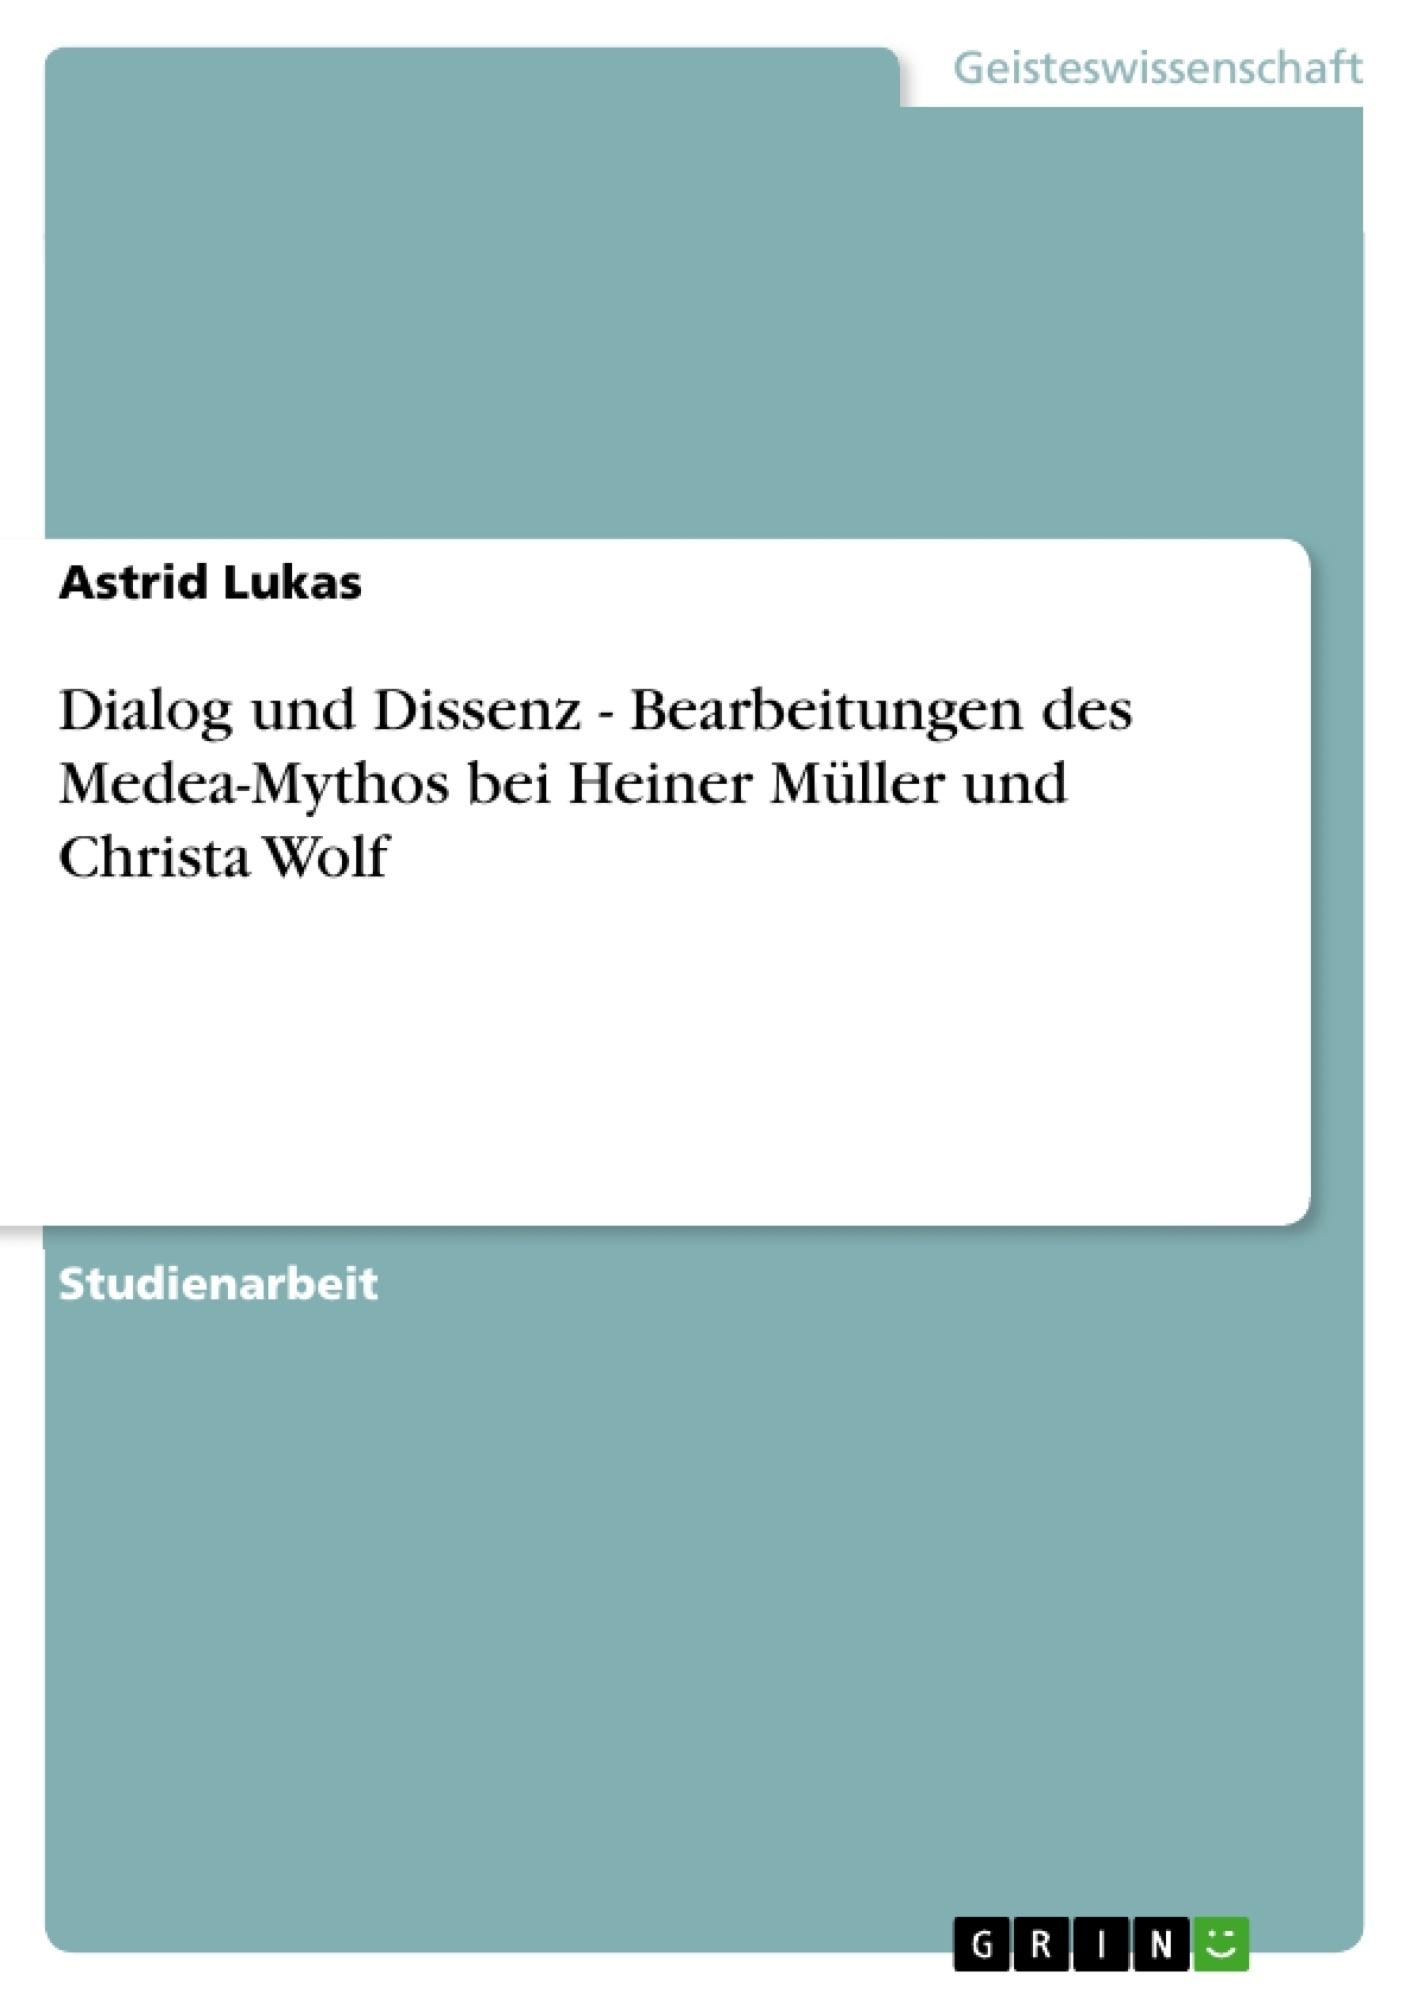 Titel: Dialog und Dissenz - Bearbeitungen des Medea-Mythos bei Heiner Müller und Christa Wolf